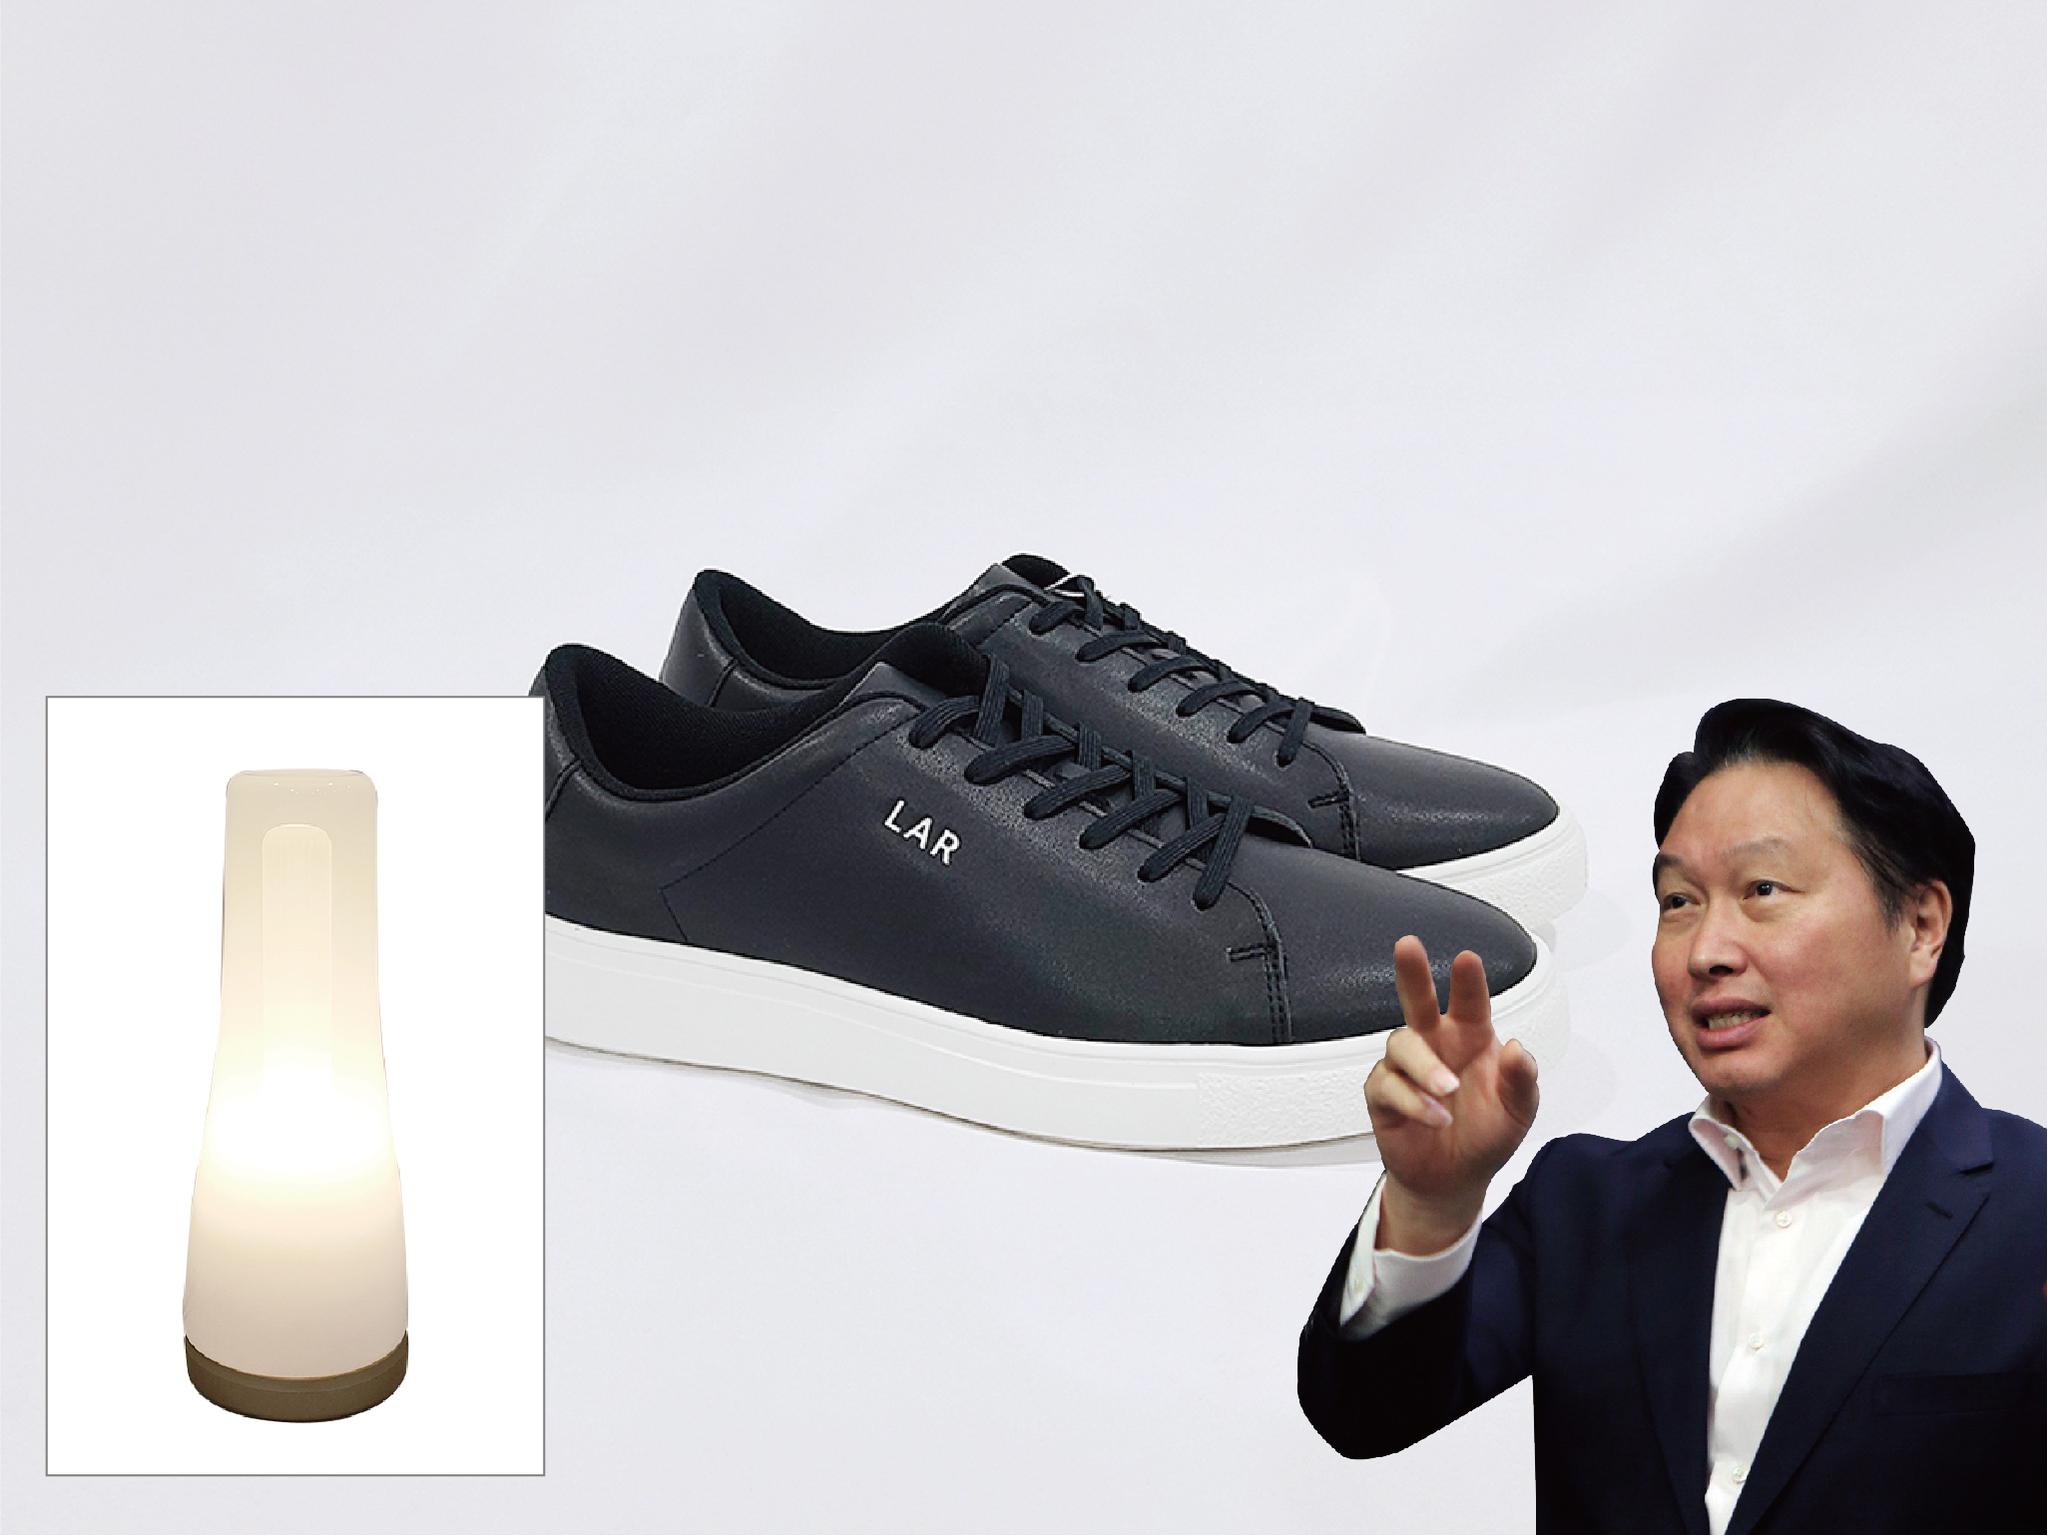 최태원 SK 회장은 SK가 후원하는 사회적 기업이 만든 전기 스탠드 '루미르 조명등'과 '엘에이알(LAR)' 친환경 운동화를 기증했다. [사진 위스타트]